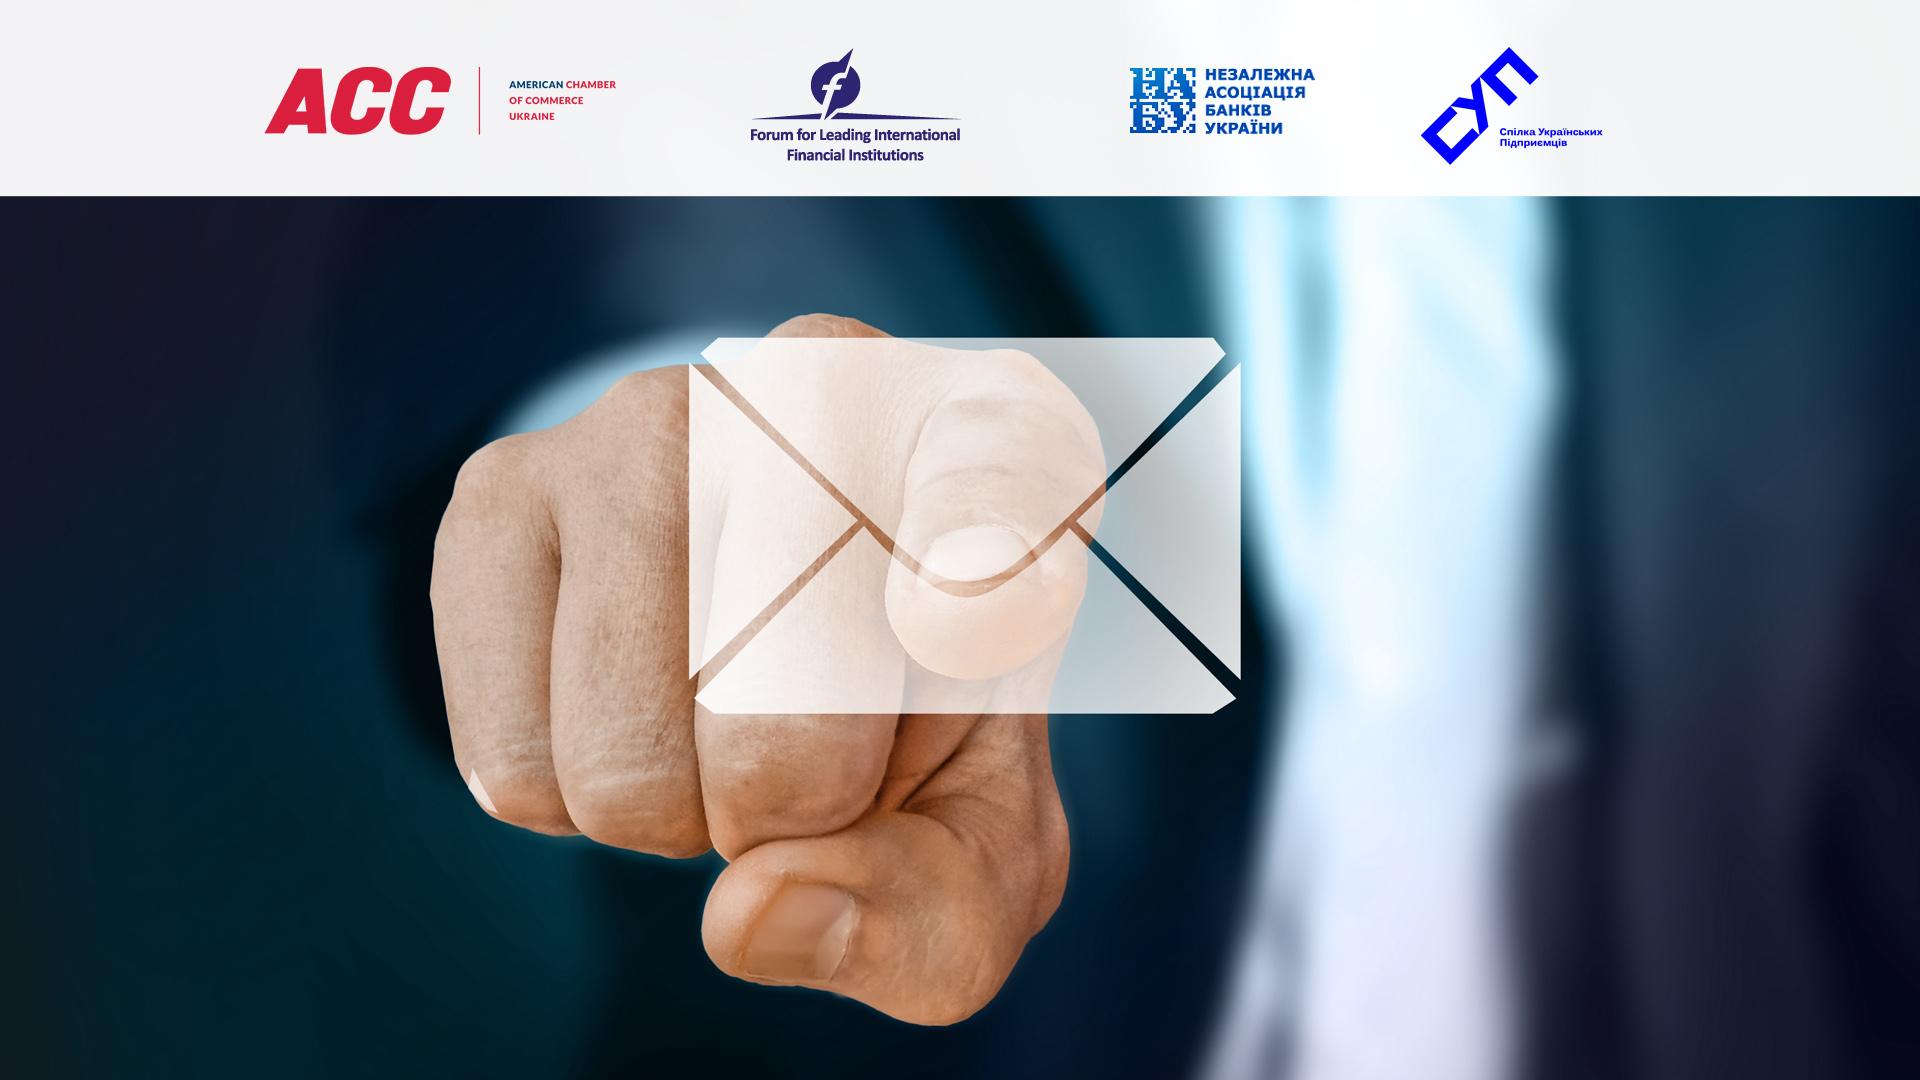 Бізнес-спільнота не підтримує поточну редакцію законопроекту №2788-Д та закликає знайти консенсус в питанні запровадження поштового банку в Україні